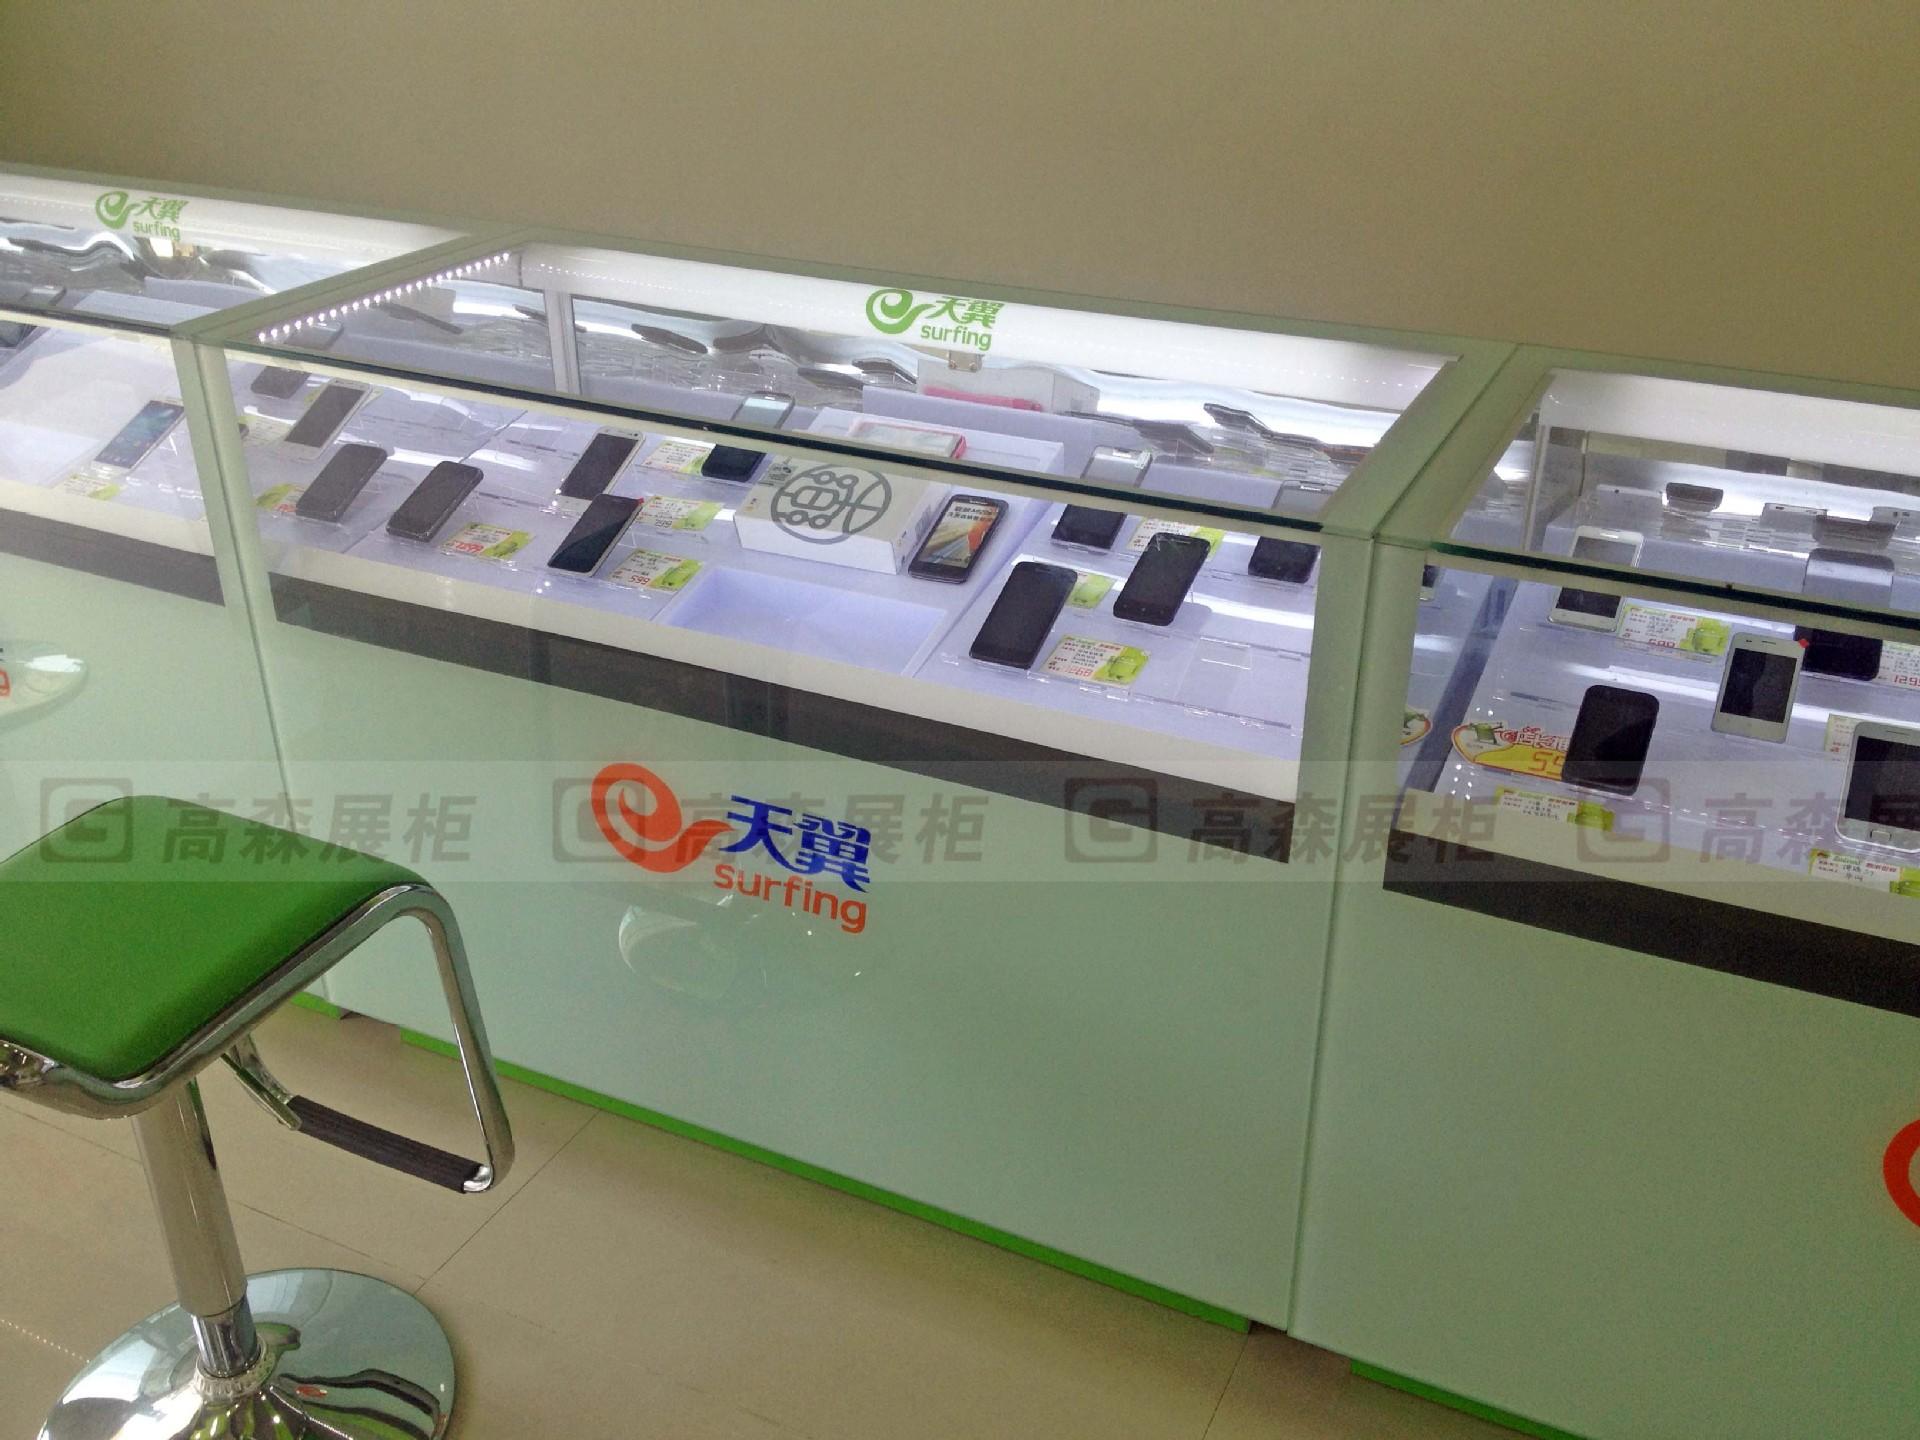 展示柜-中国移动4G柜台柜台三星手机国际苹果未来之战安卓手机服图片